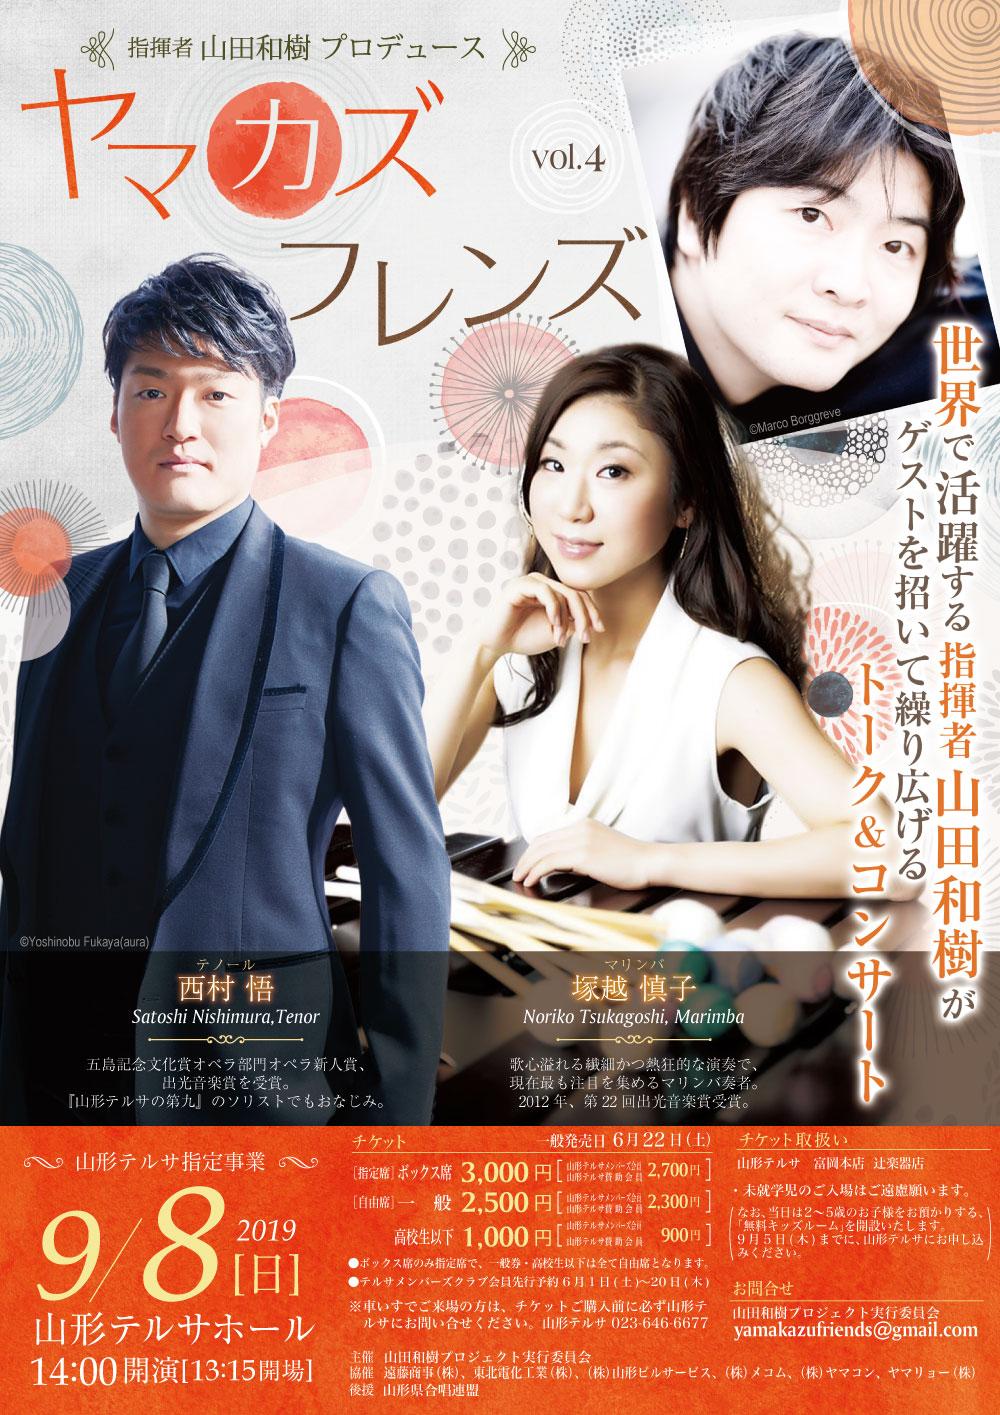 指揮者山田和樹プロデュース<br>ヤマカズフレンズvol.4